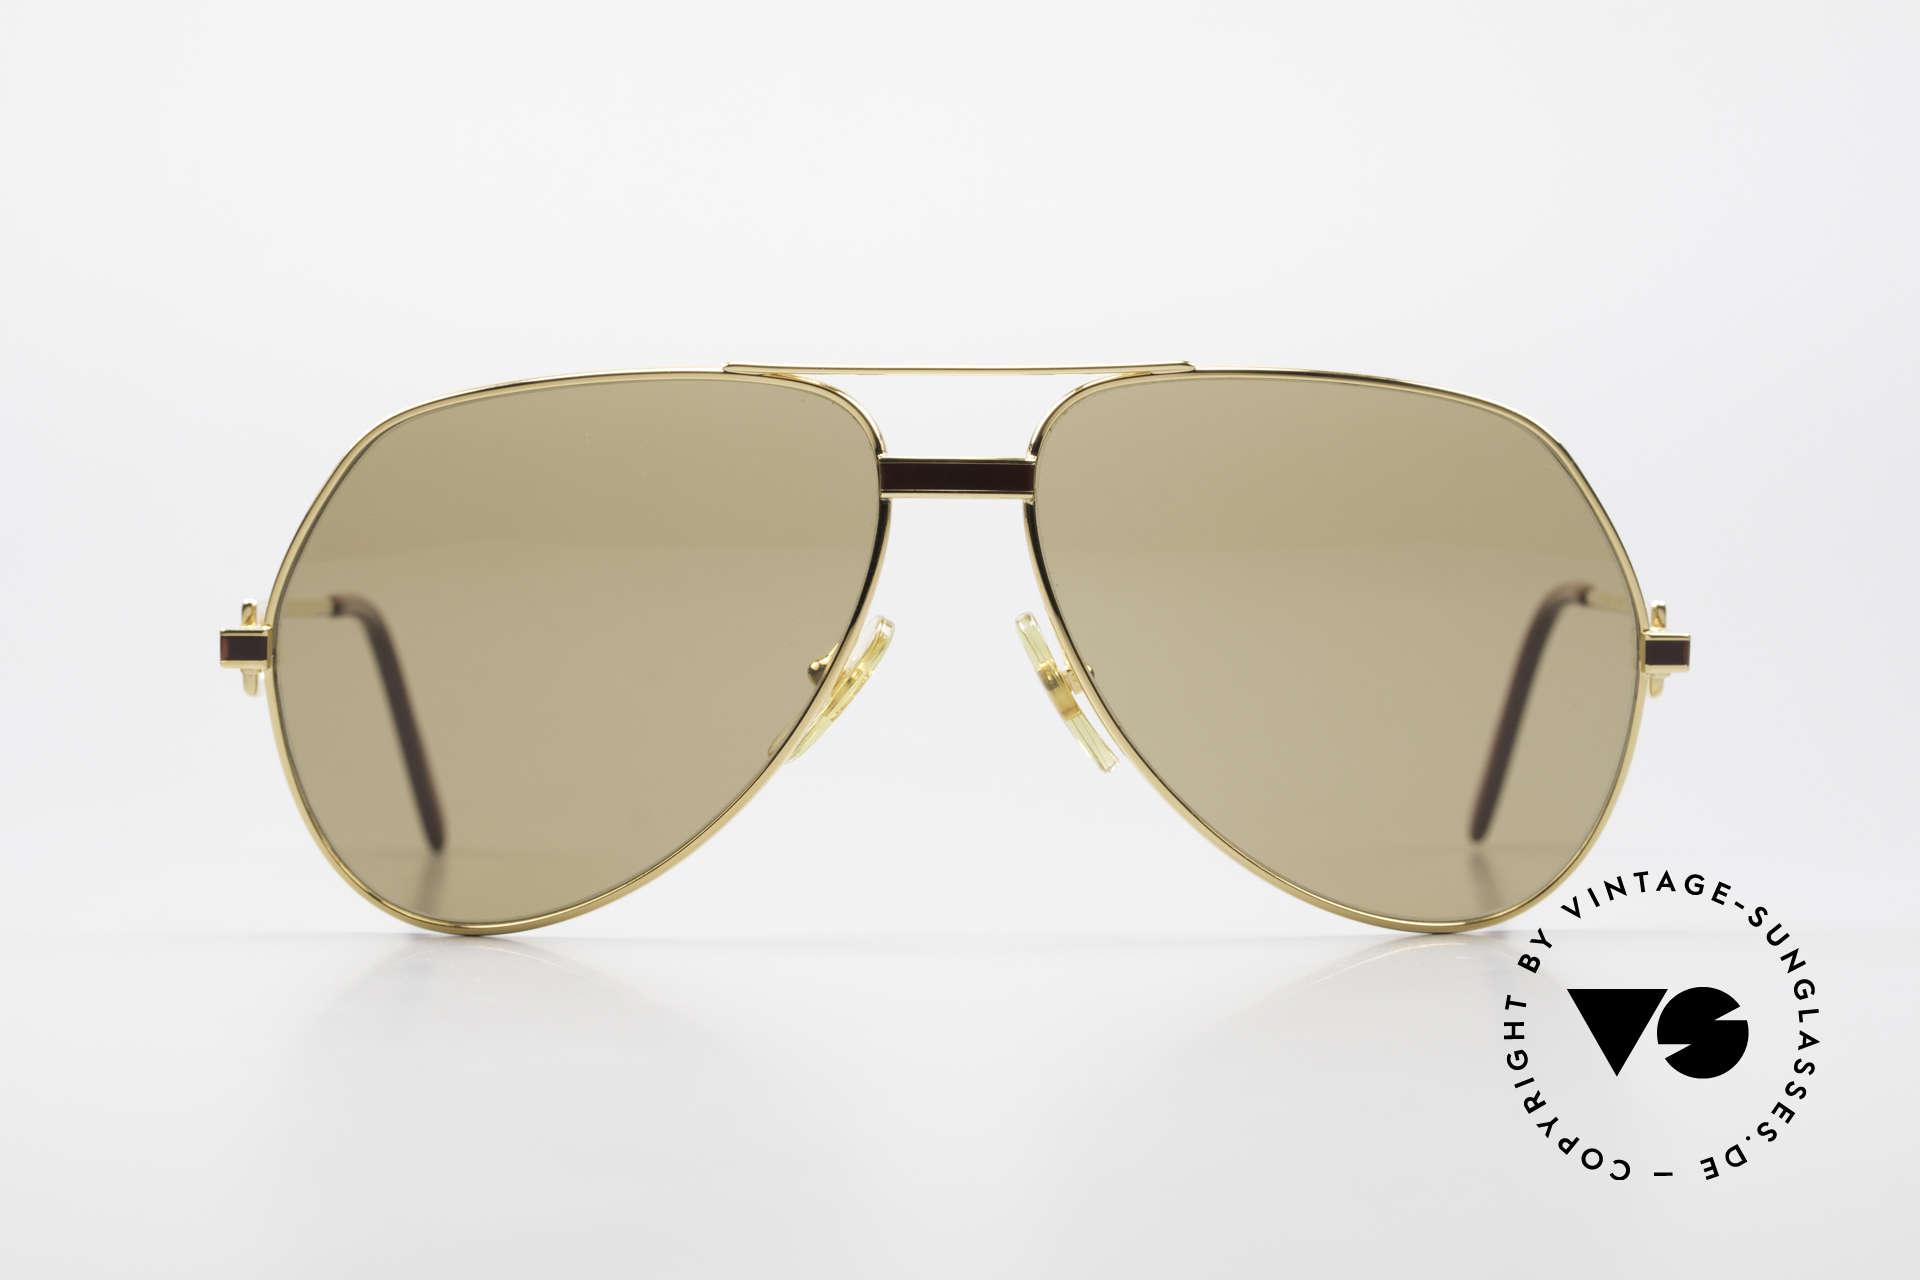 Cartier Vendome Laque - L Cartierglas Mit Hauchzeichen, wurde 1983 veröffentlicht & dann bis 1997 produziert, Passend für Herren